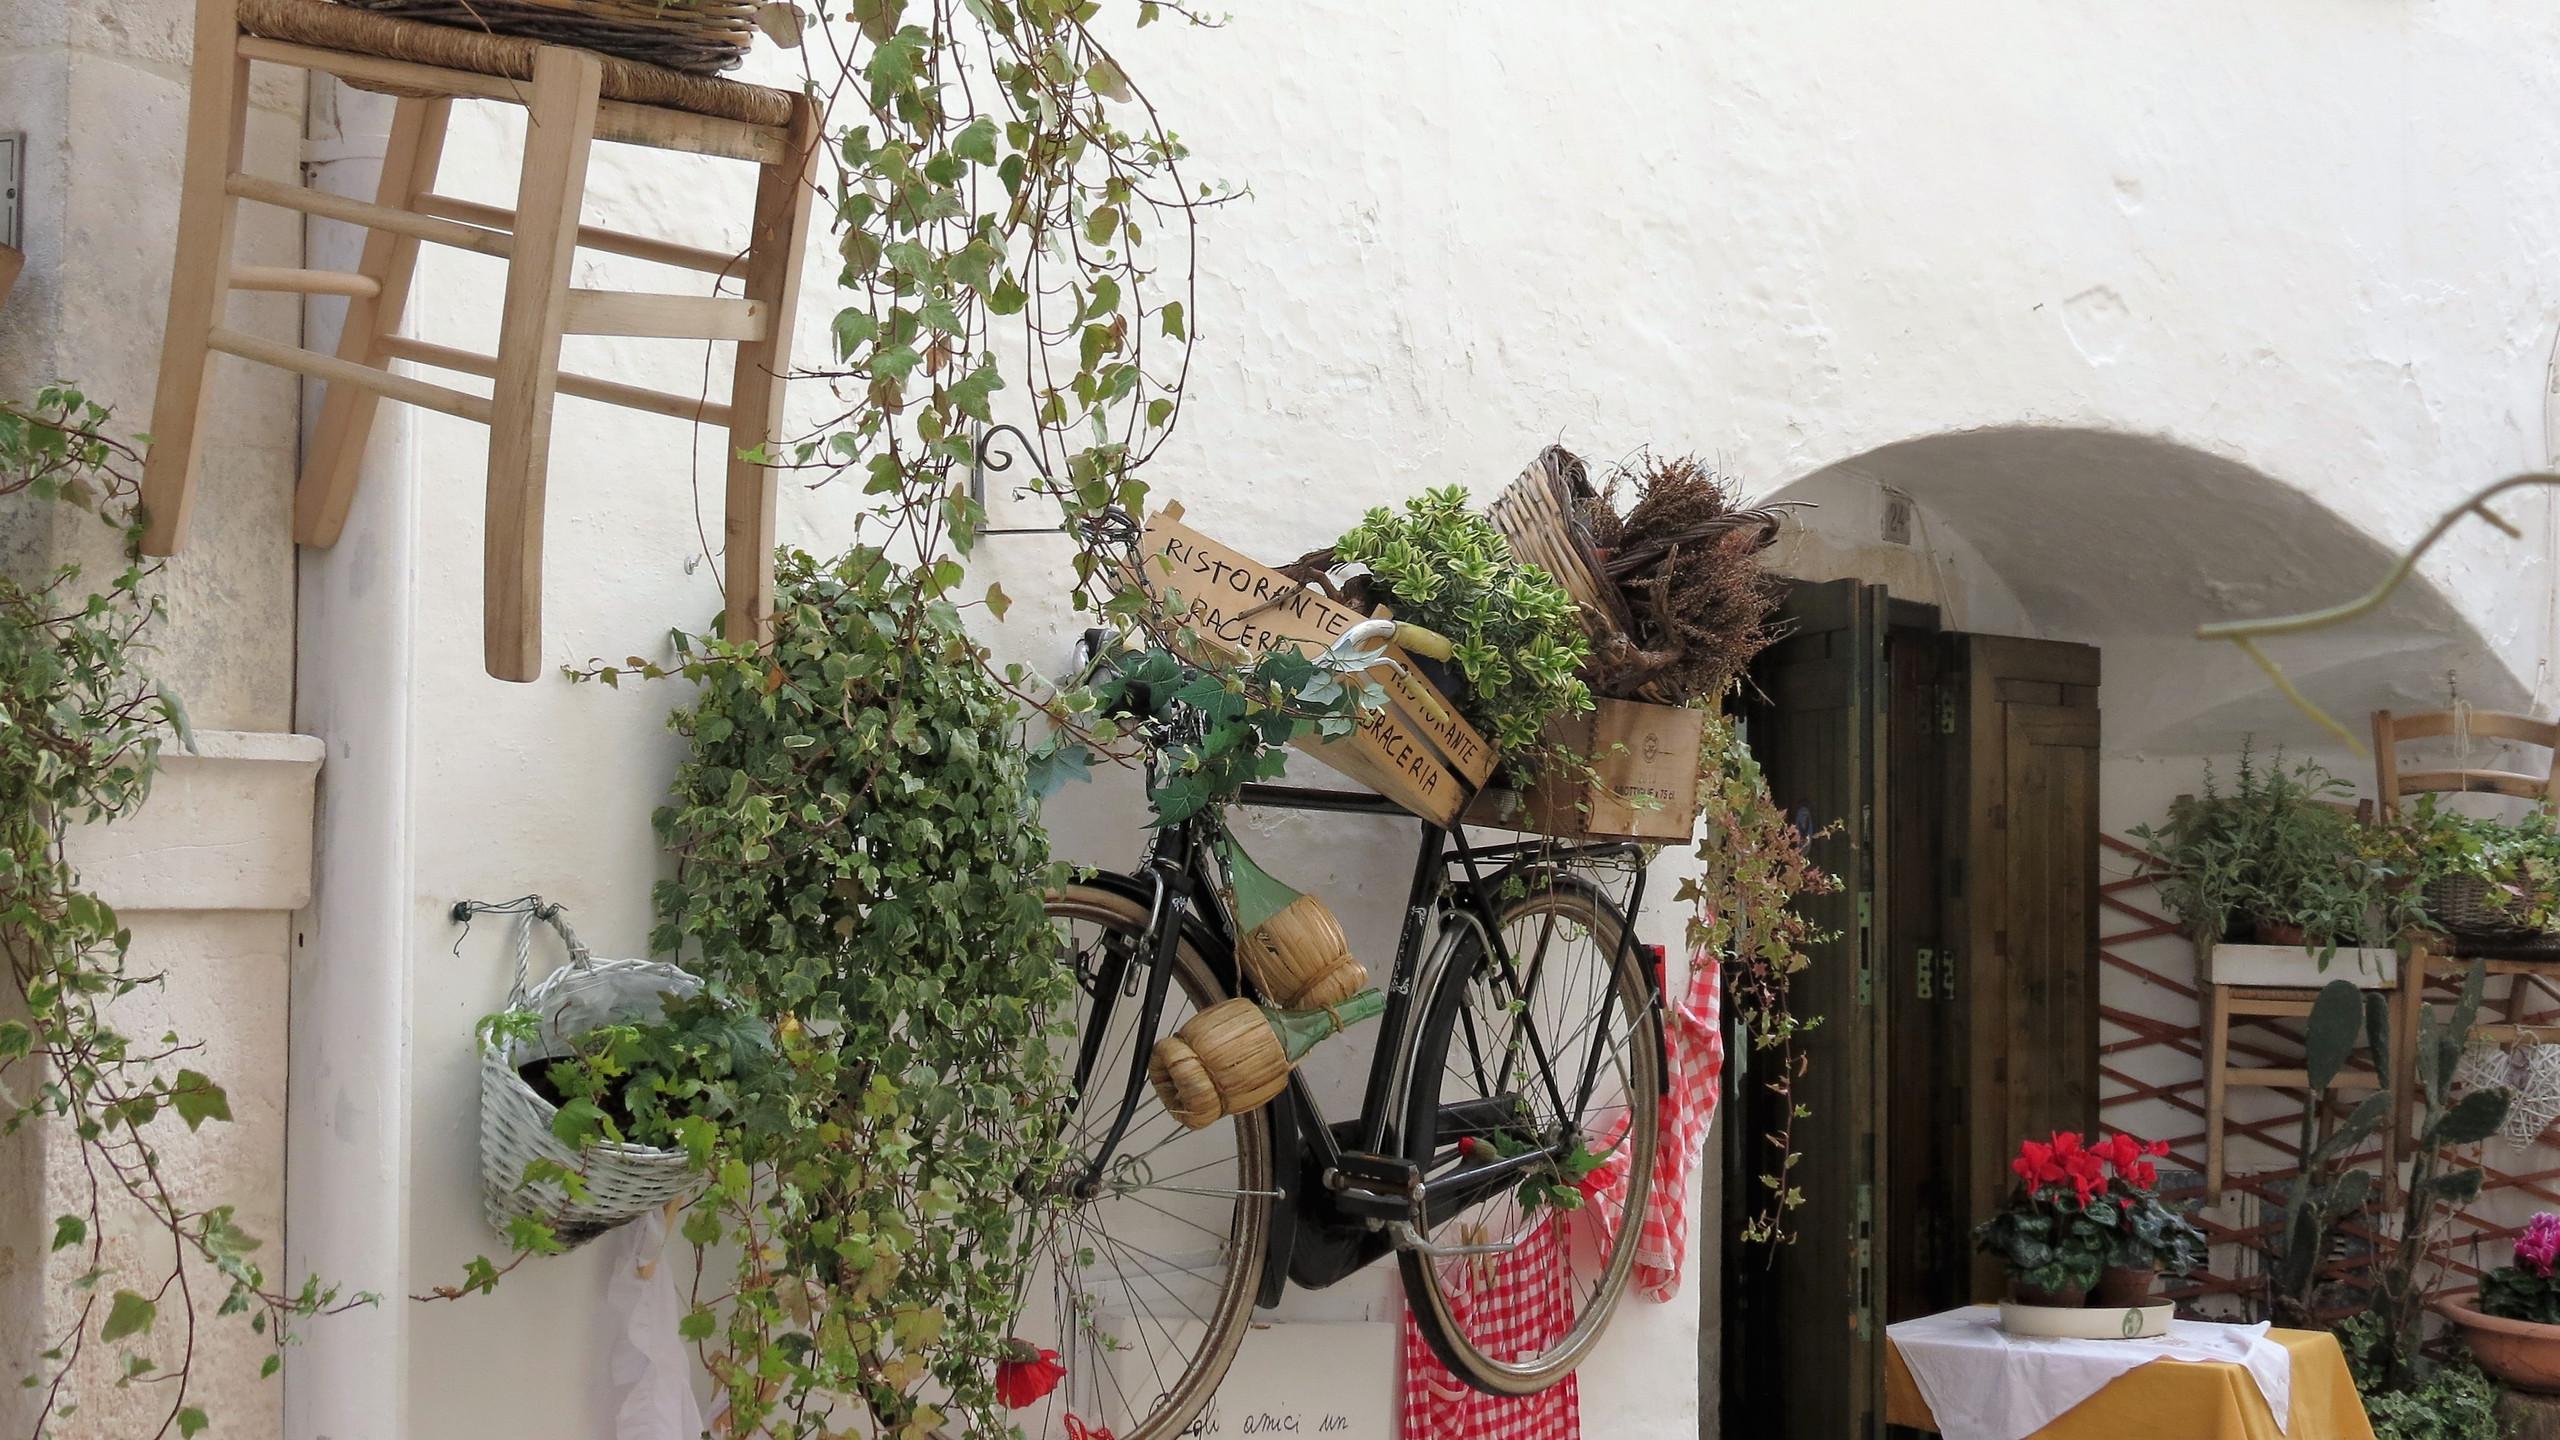 Restaurant Locorotondo, Puglia